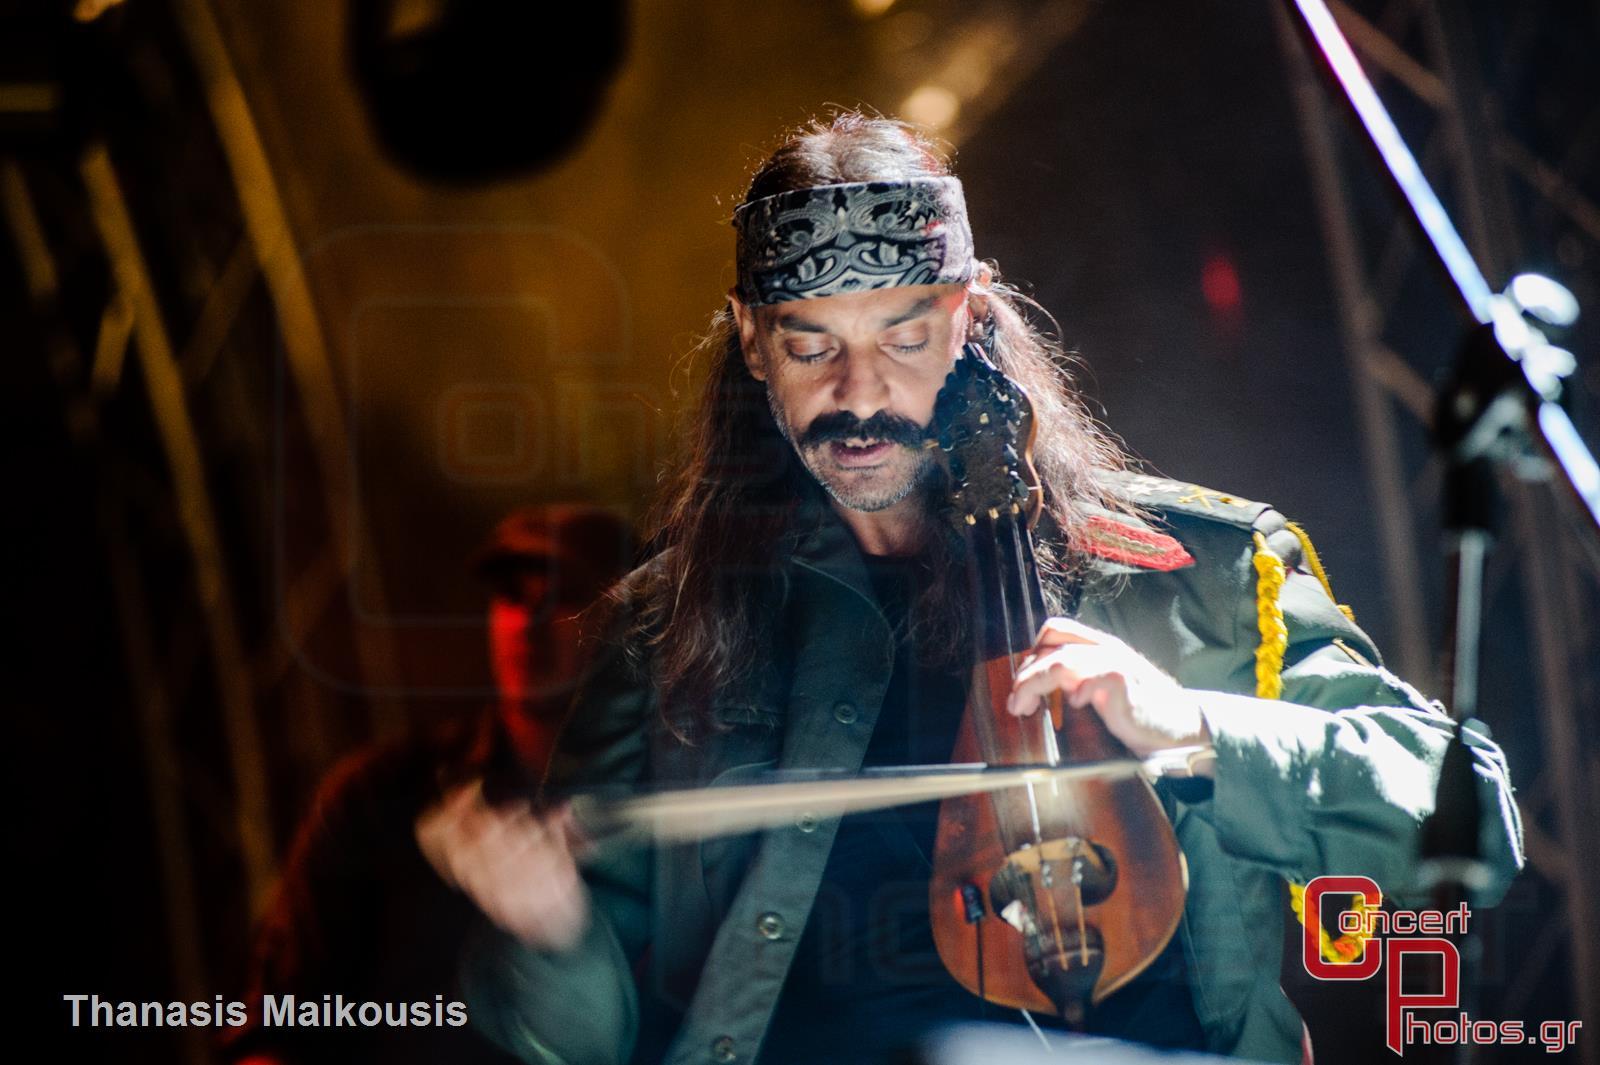 Nouvelle Vague-Nuvelle Vague photographer: Thanasis Maikousis - concertphotos_-8898